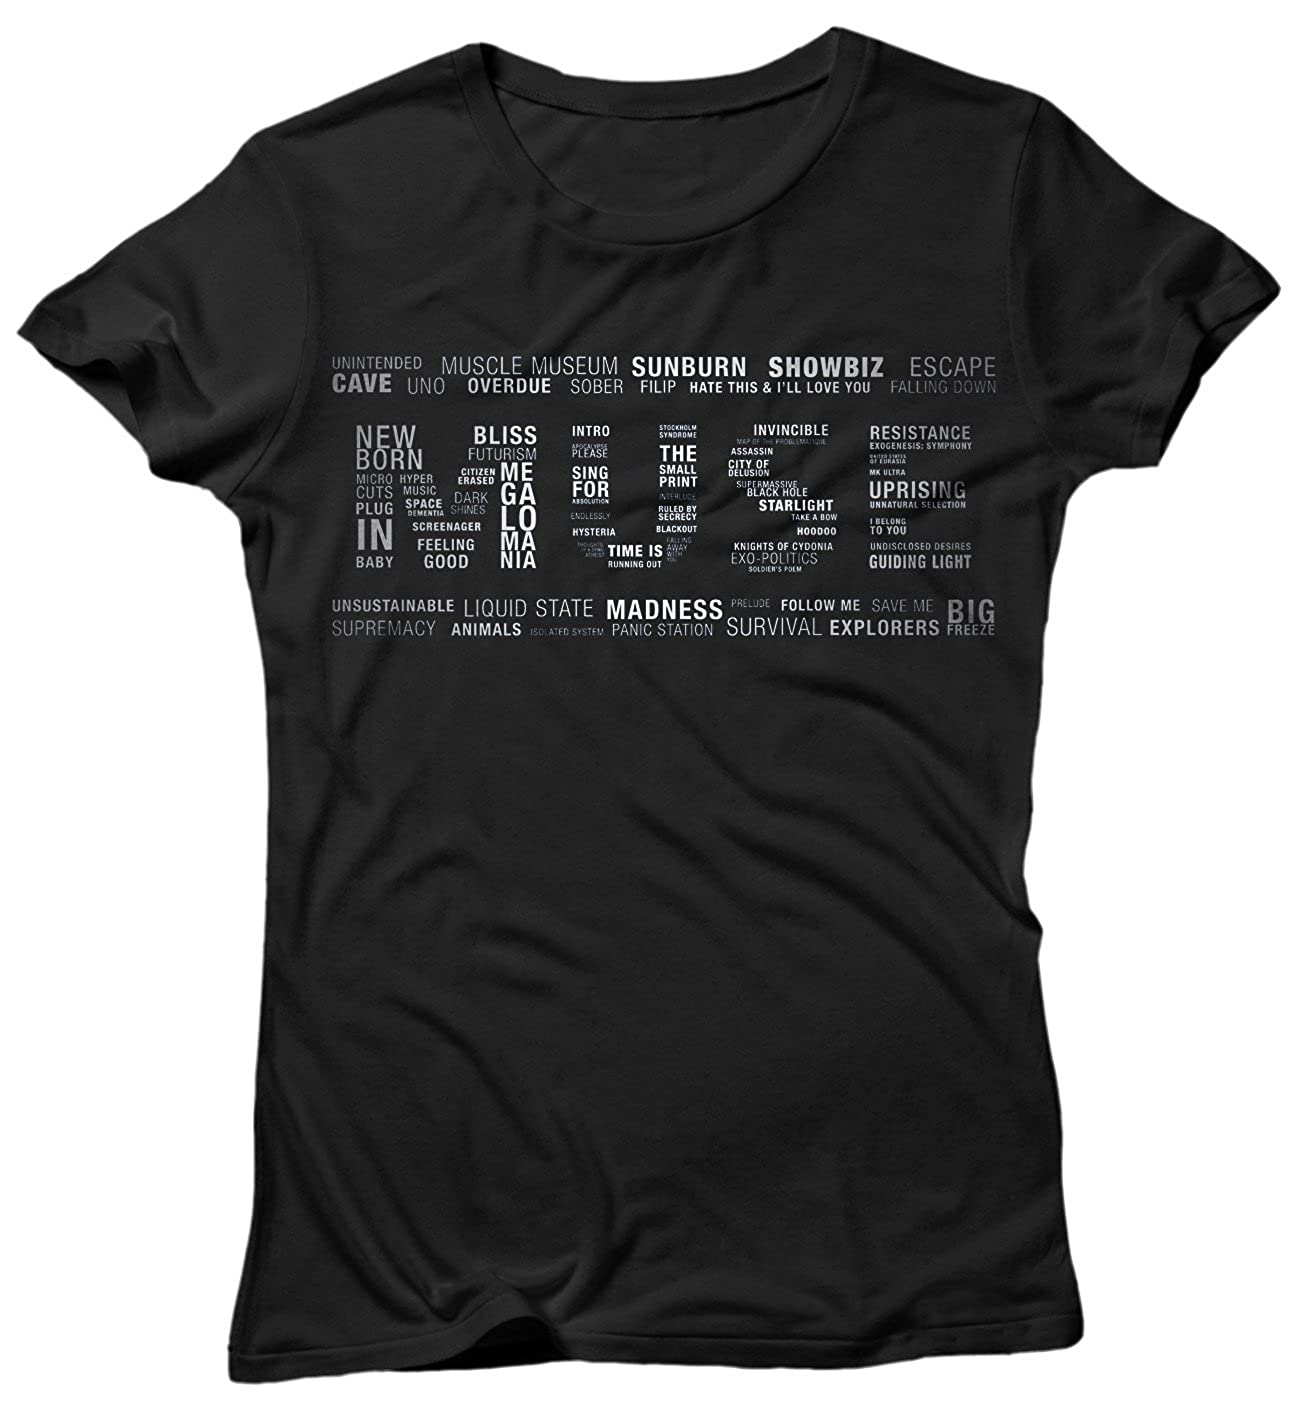 Camiseta Mujer Muse Multi Text - Camiseta 100% algodòn LaMAGLIERIA: Amazon.es: Ropa y accesorios